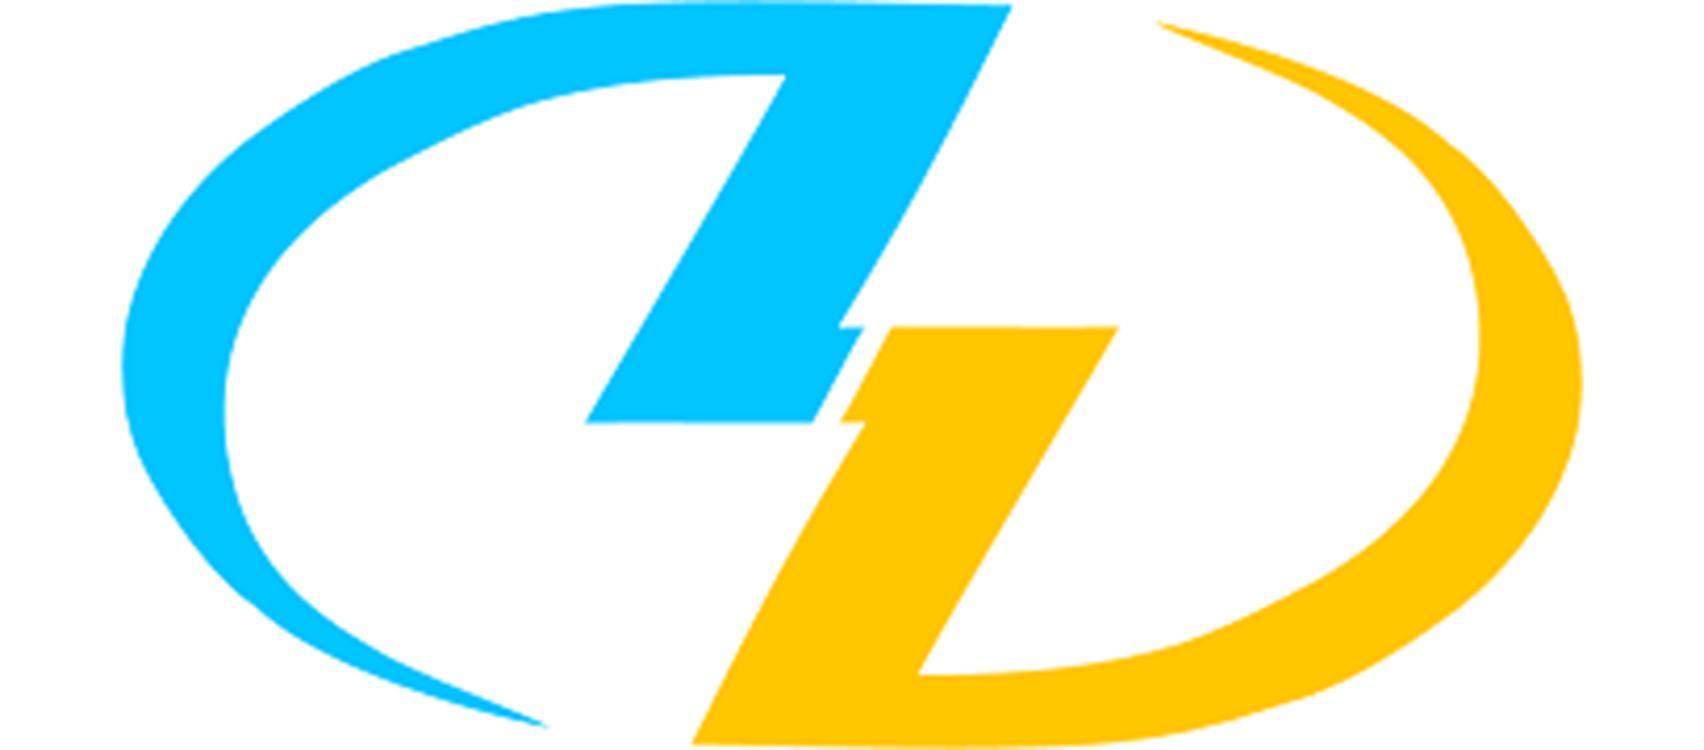 ПАТ «Запоріжжяобленерго» - Запорізькі Міські Електричні Мережі (за послуги до 31.12.2018)